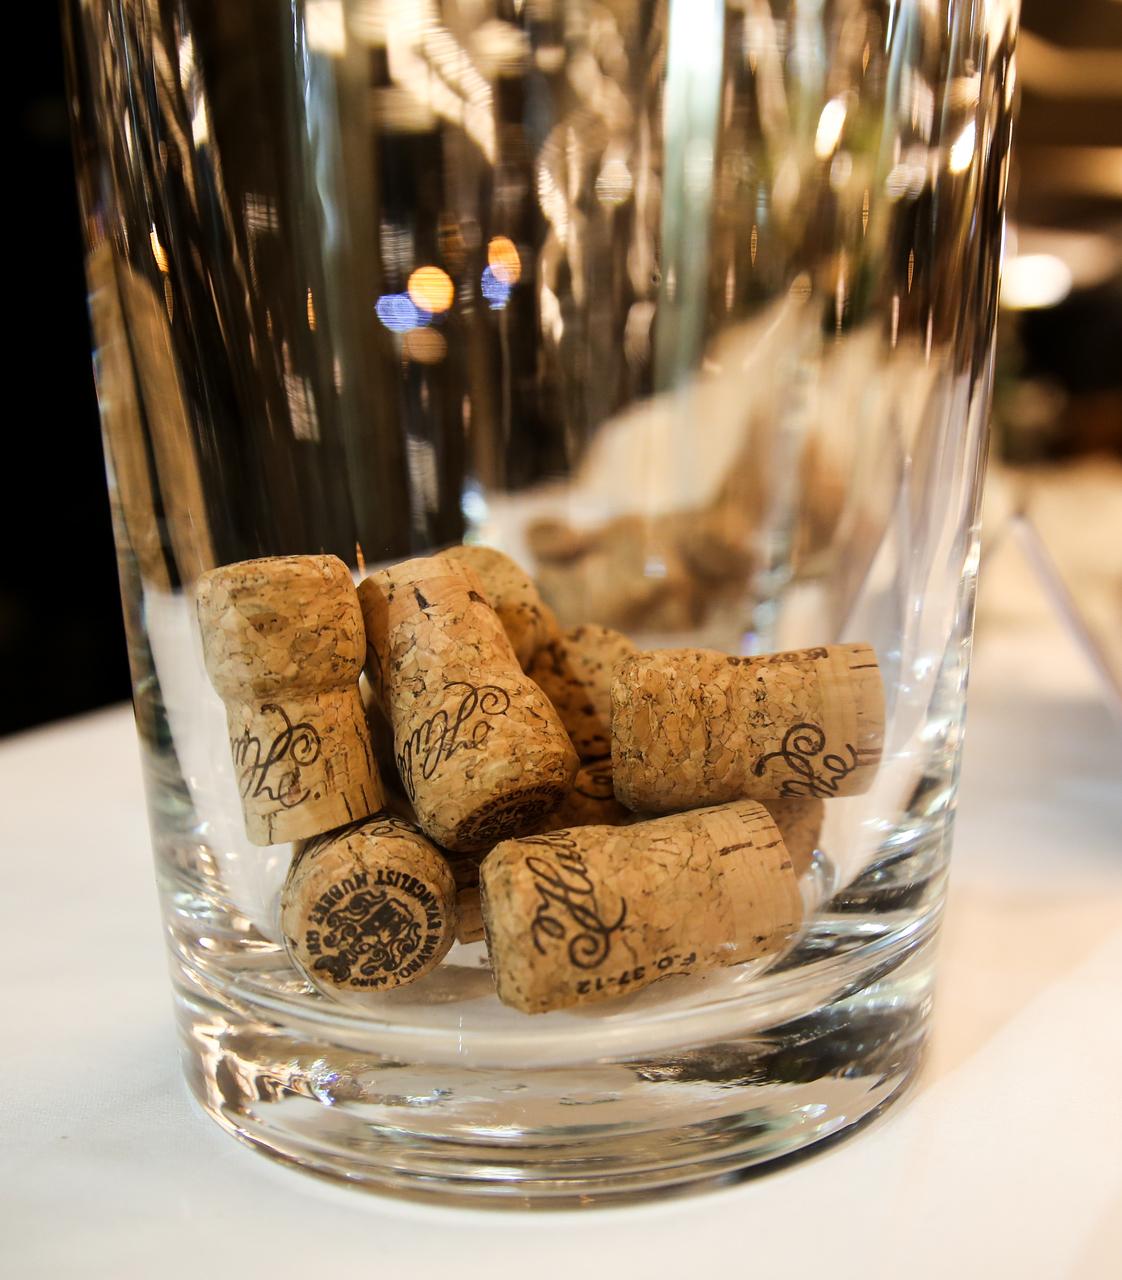 Hubert J.E. podporí vinársku školu v Modre